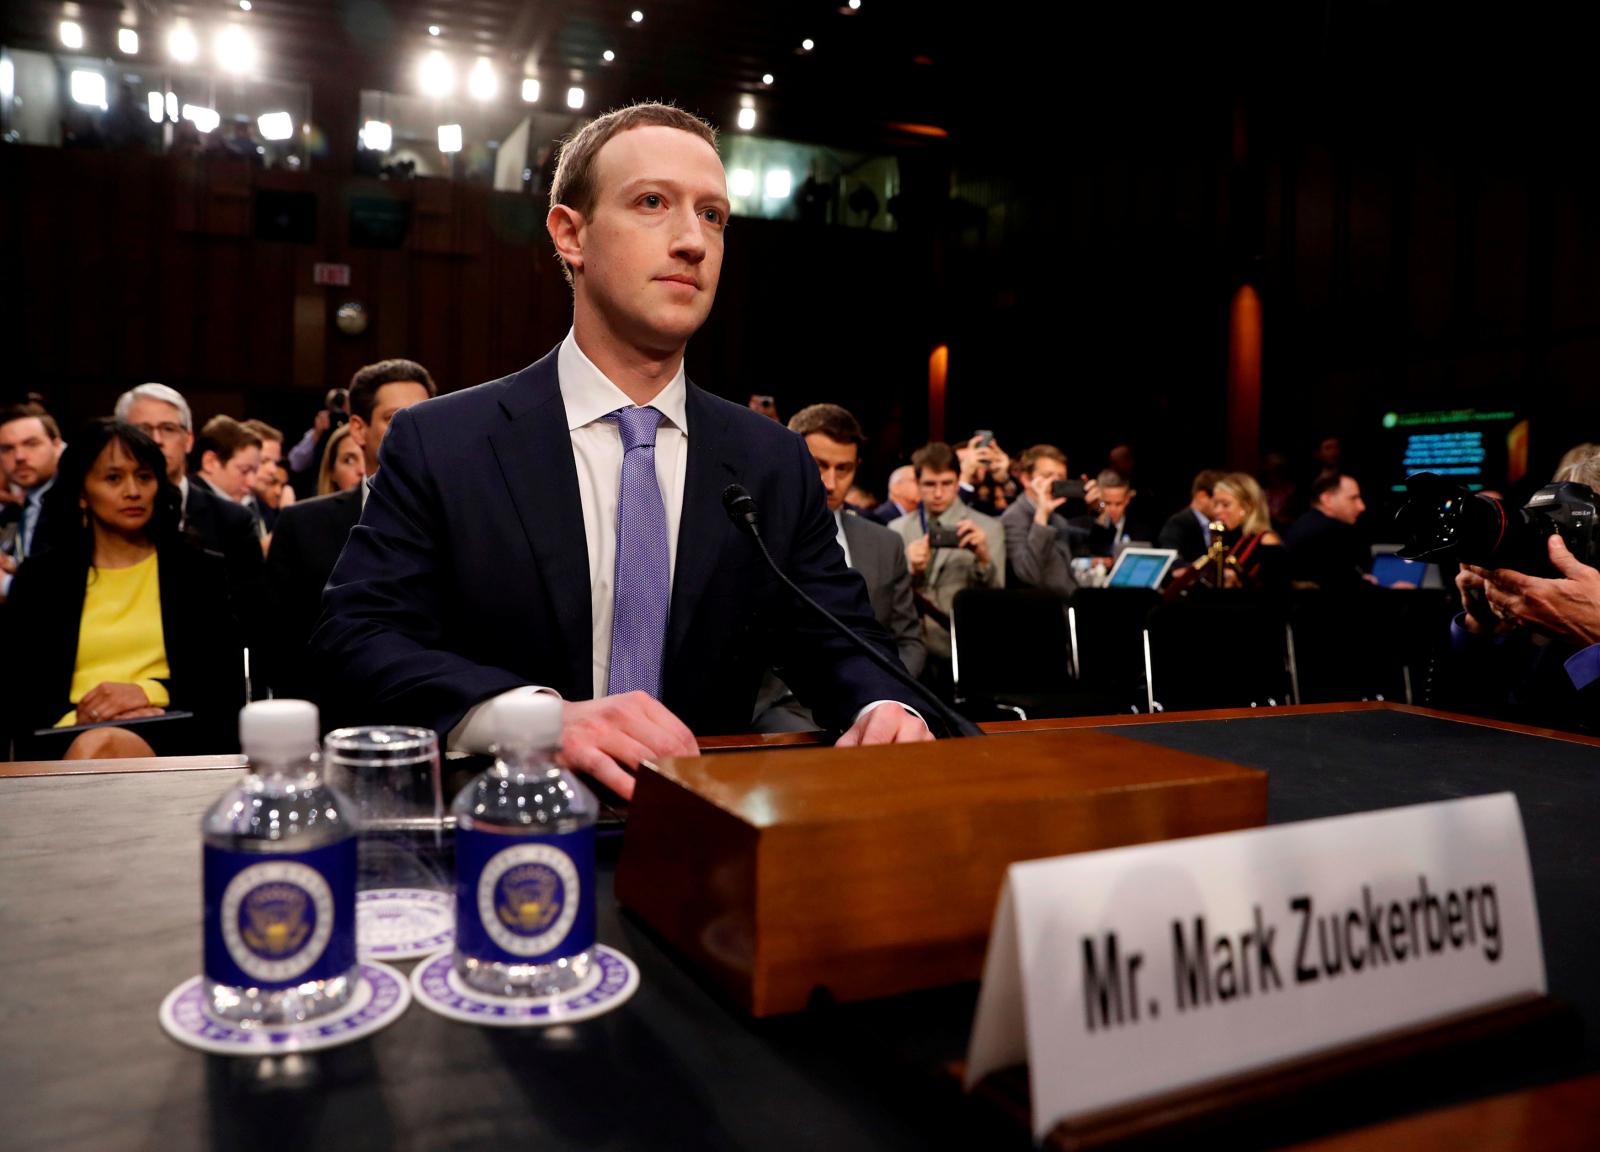 Mark Zuckerberg gives evidence to Senate